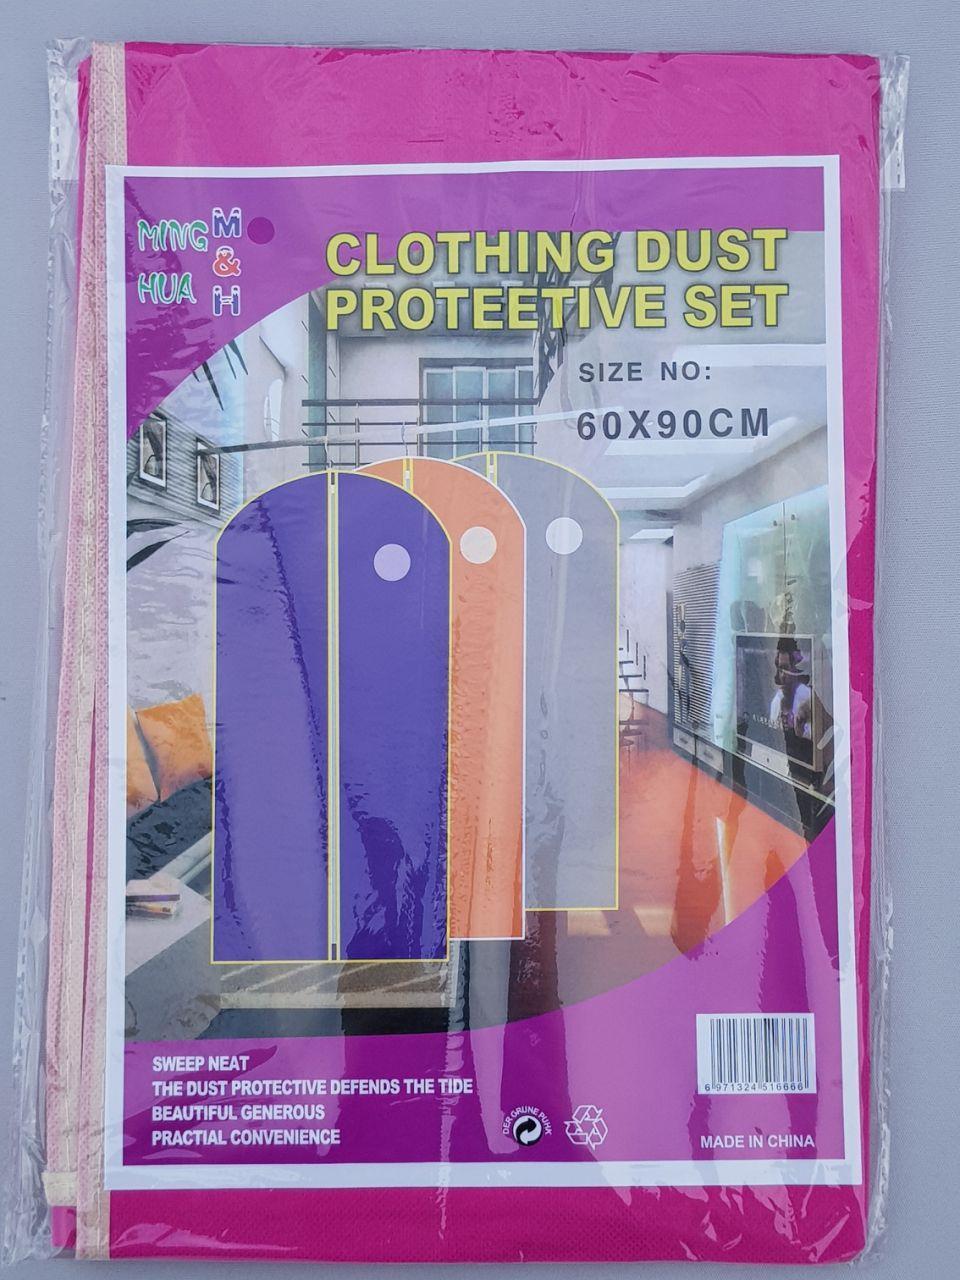 Чехол для хранения одежды флизелиновый на молнии розового цвета, размер 60*90 см